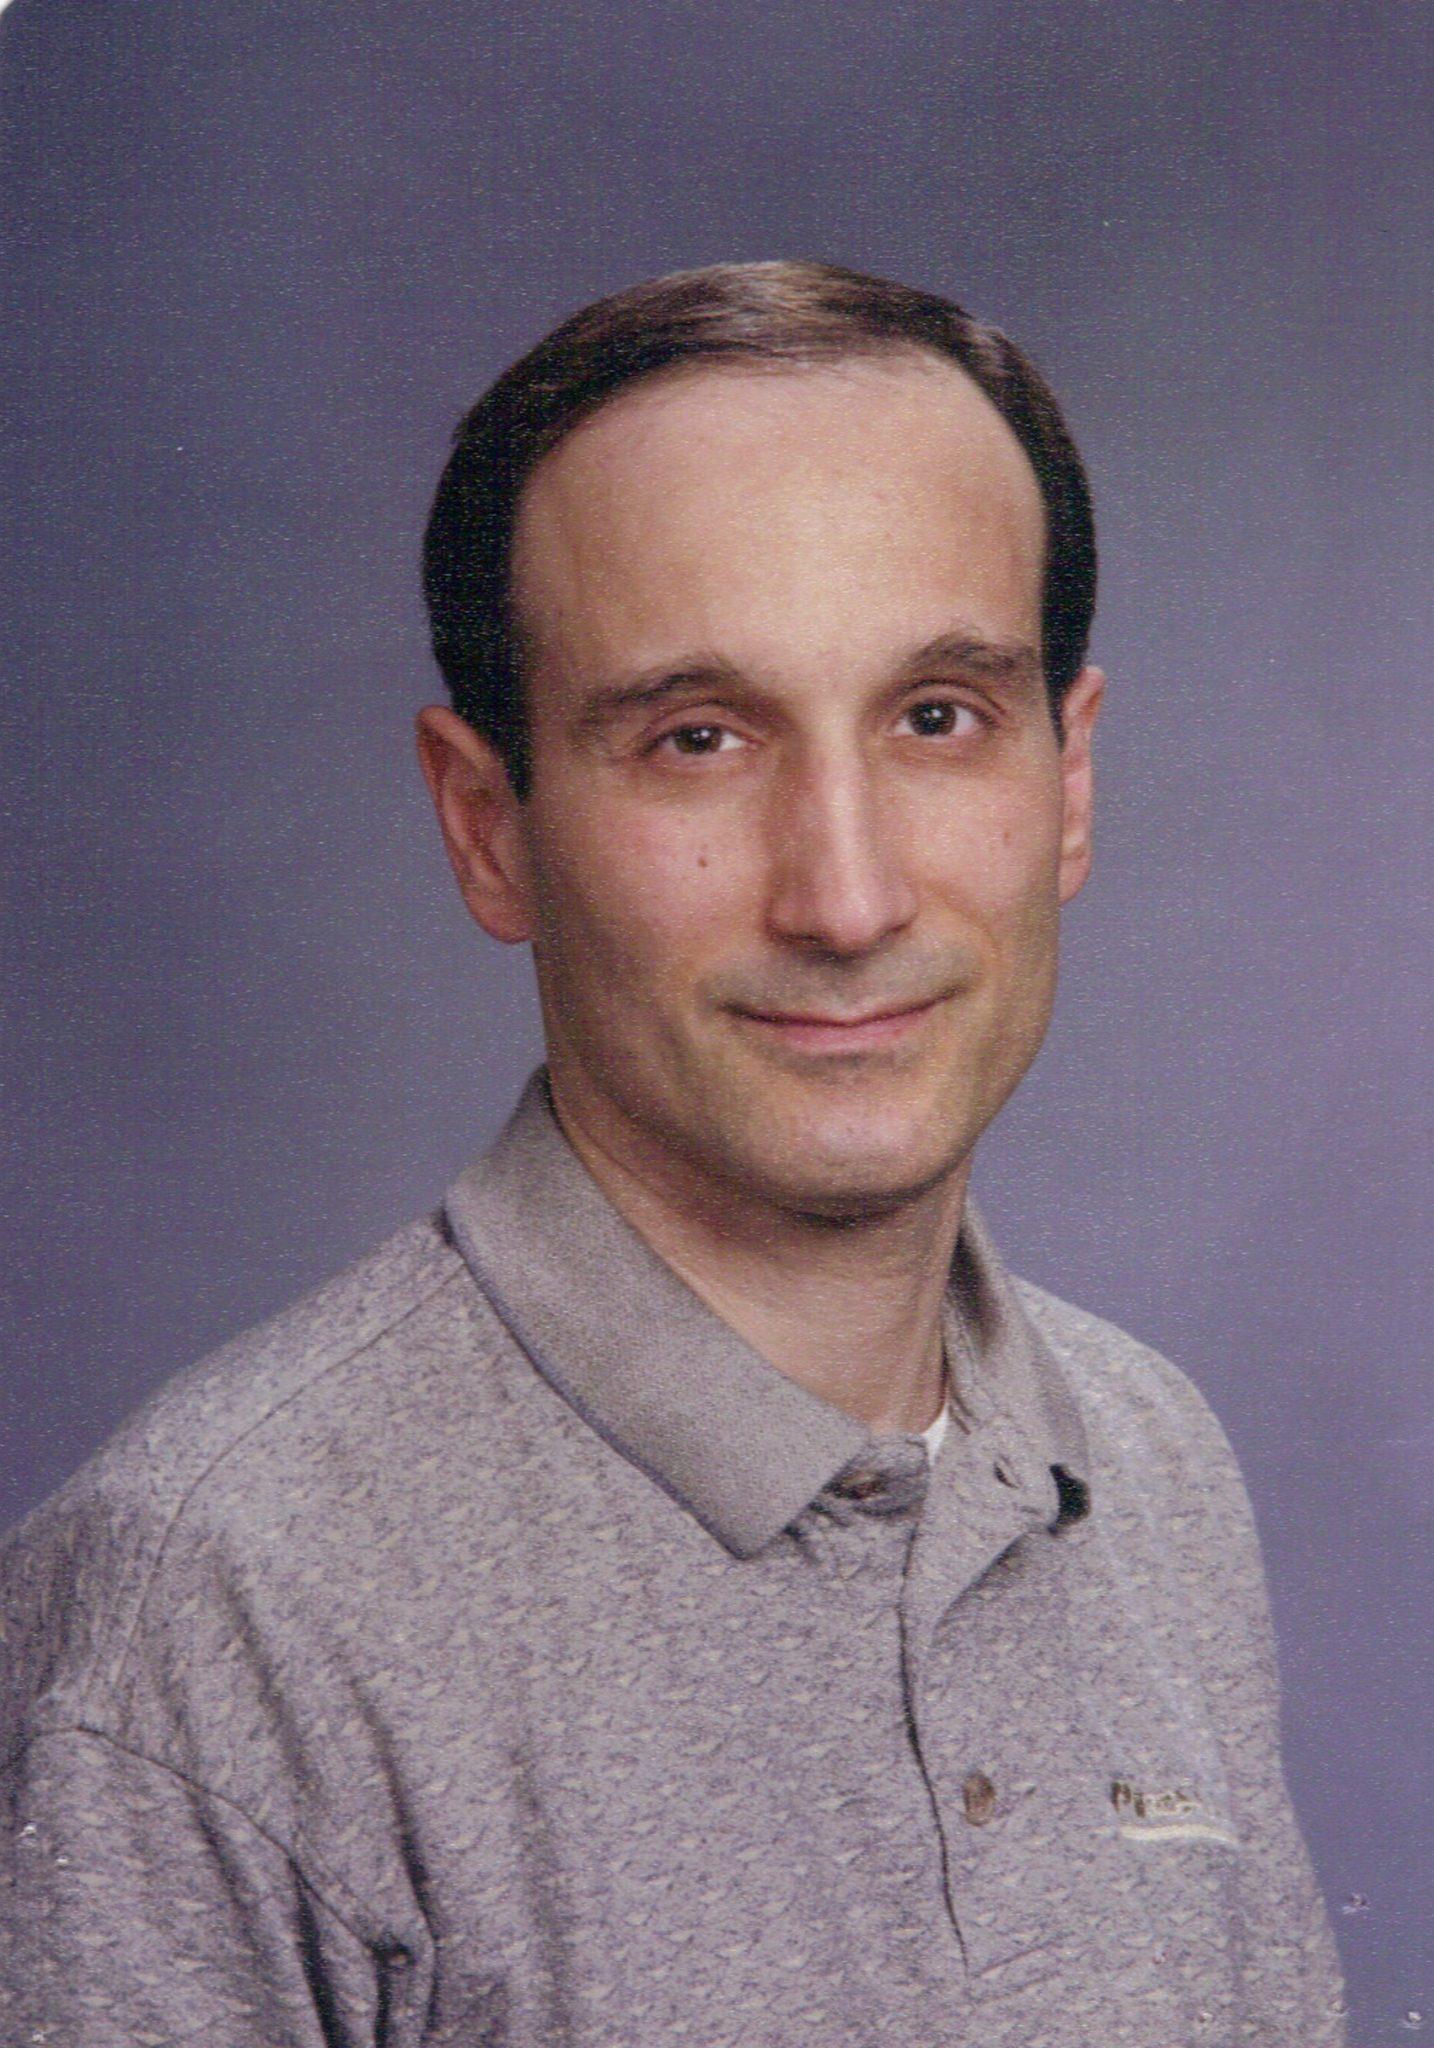 Dr. Mike Evangel